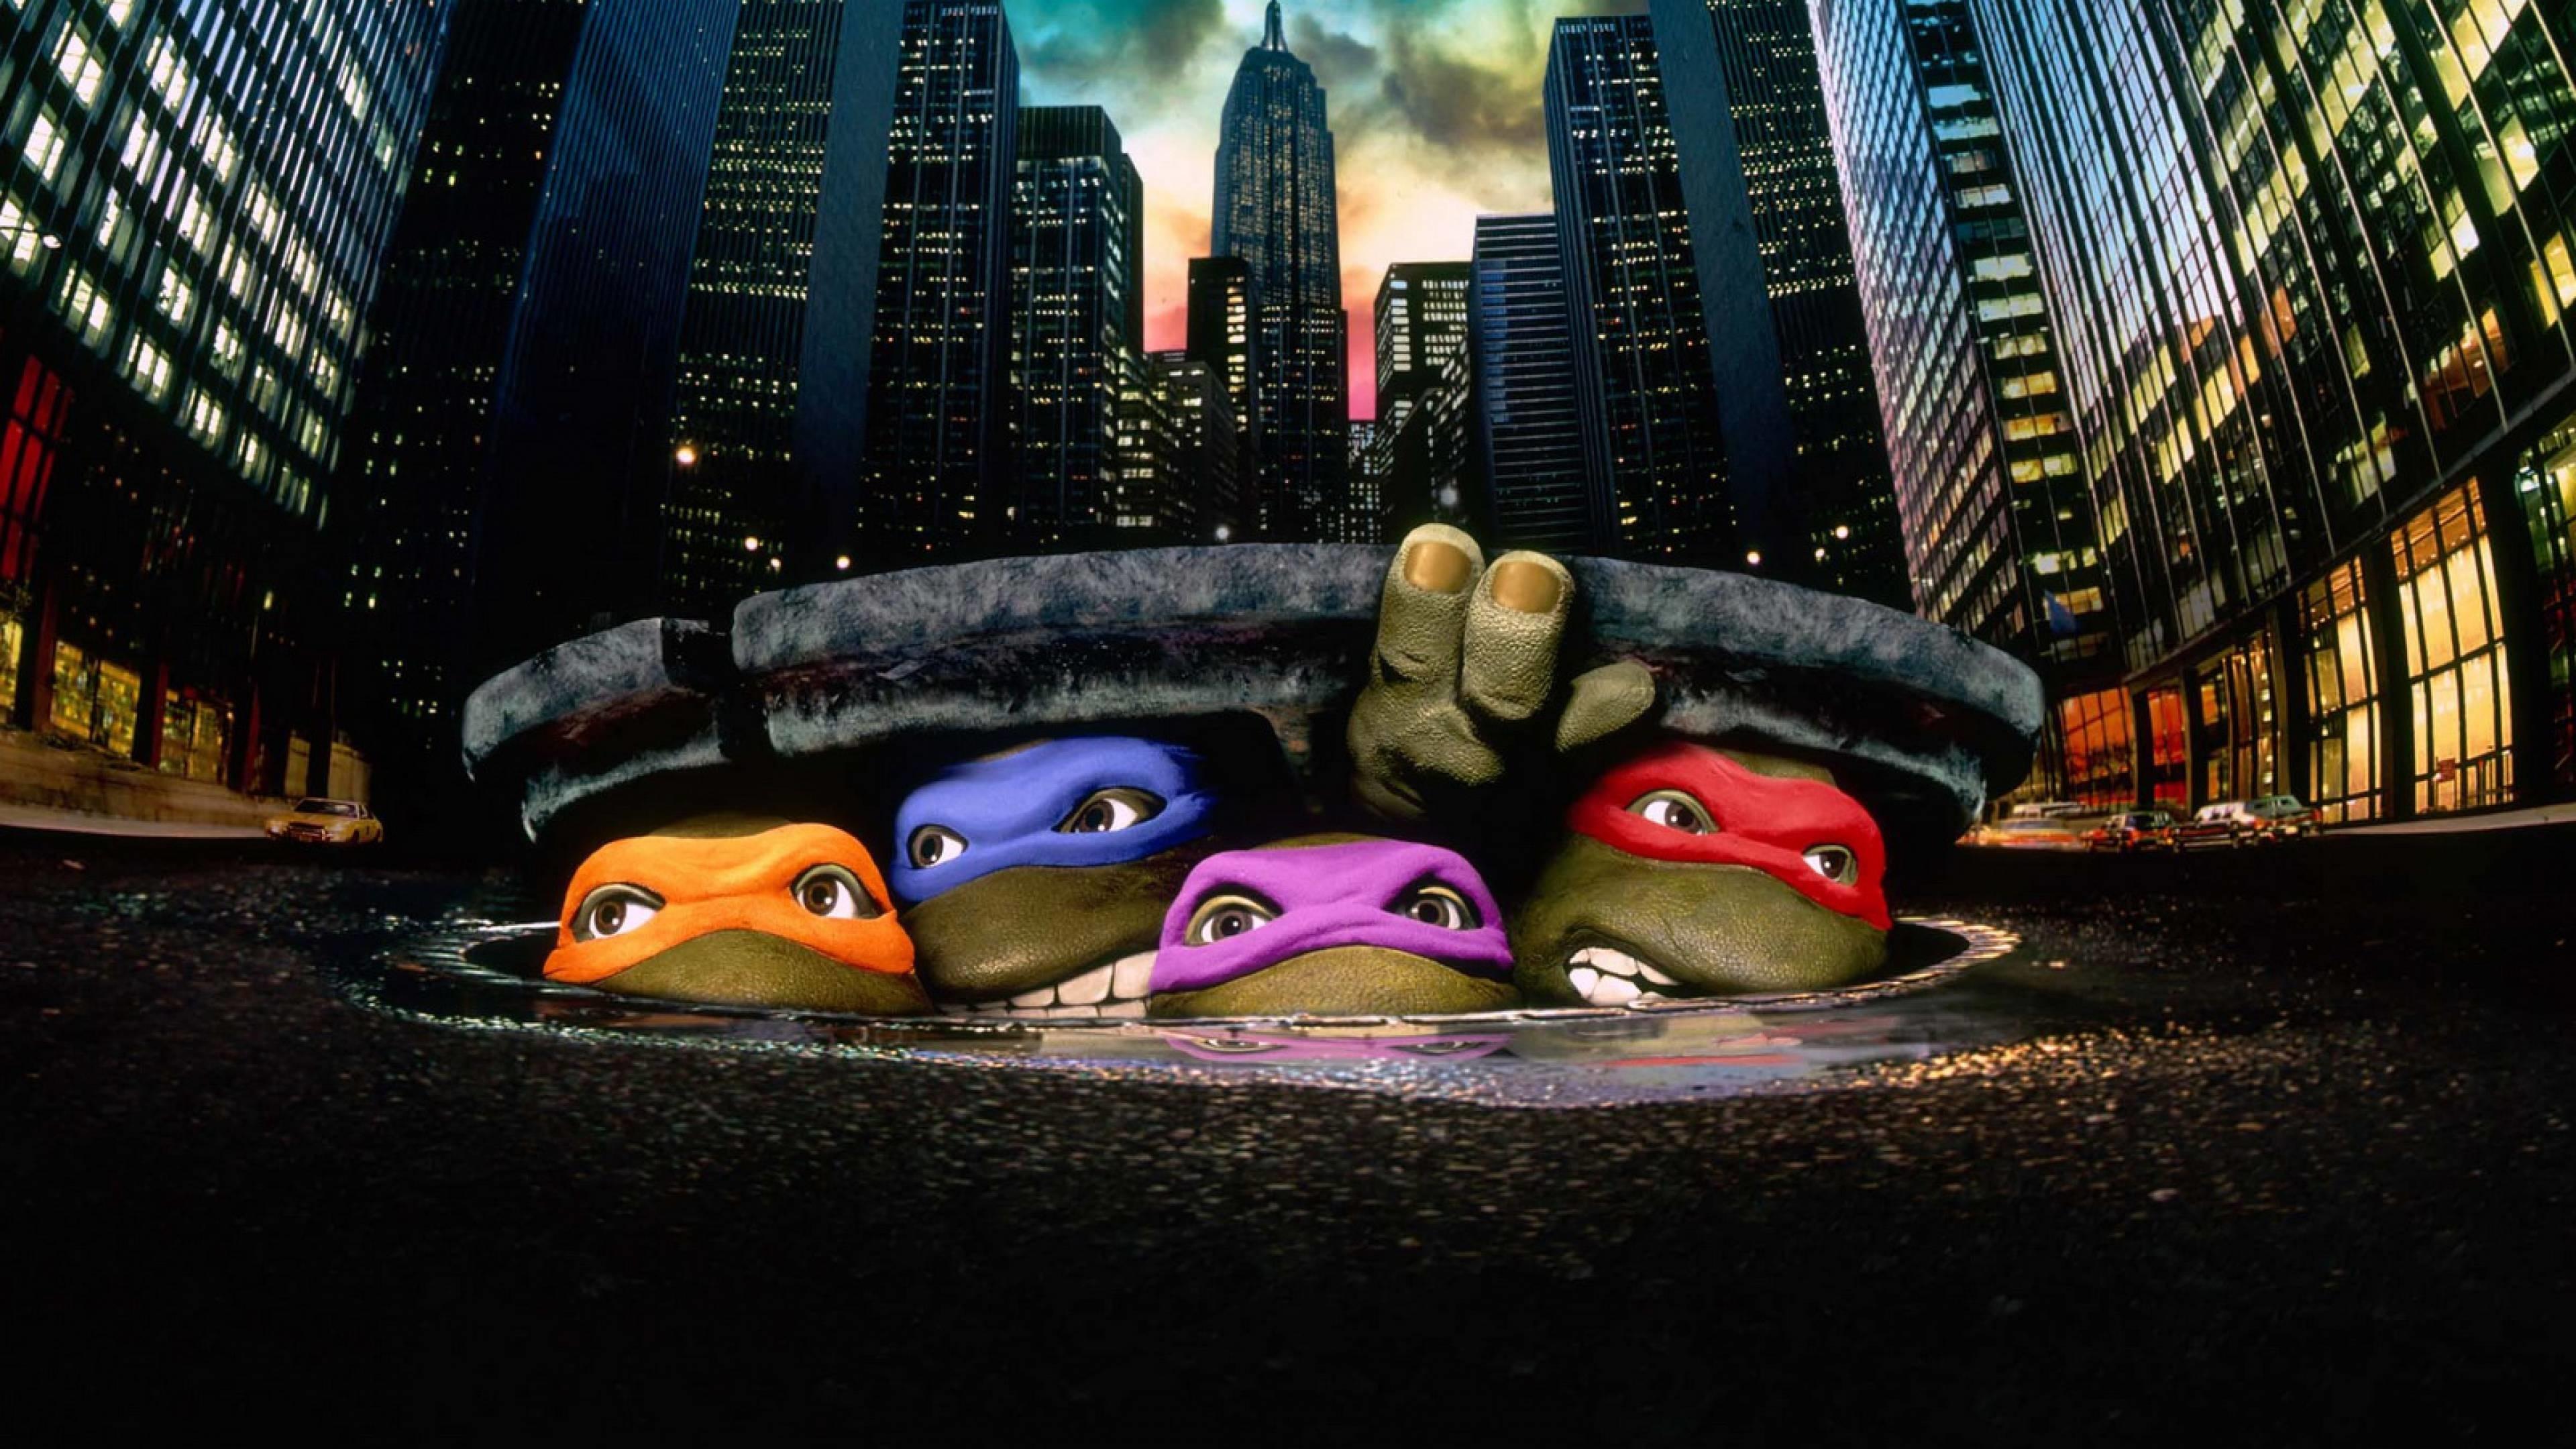 Teenage Mutant Ninja Turtles Wallpapers HD #30530 Wallpaper .